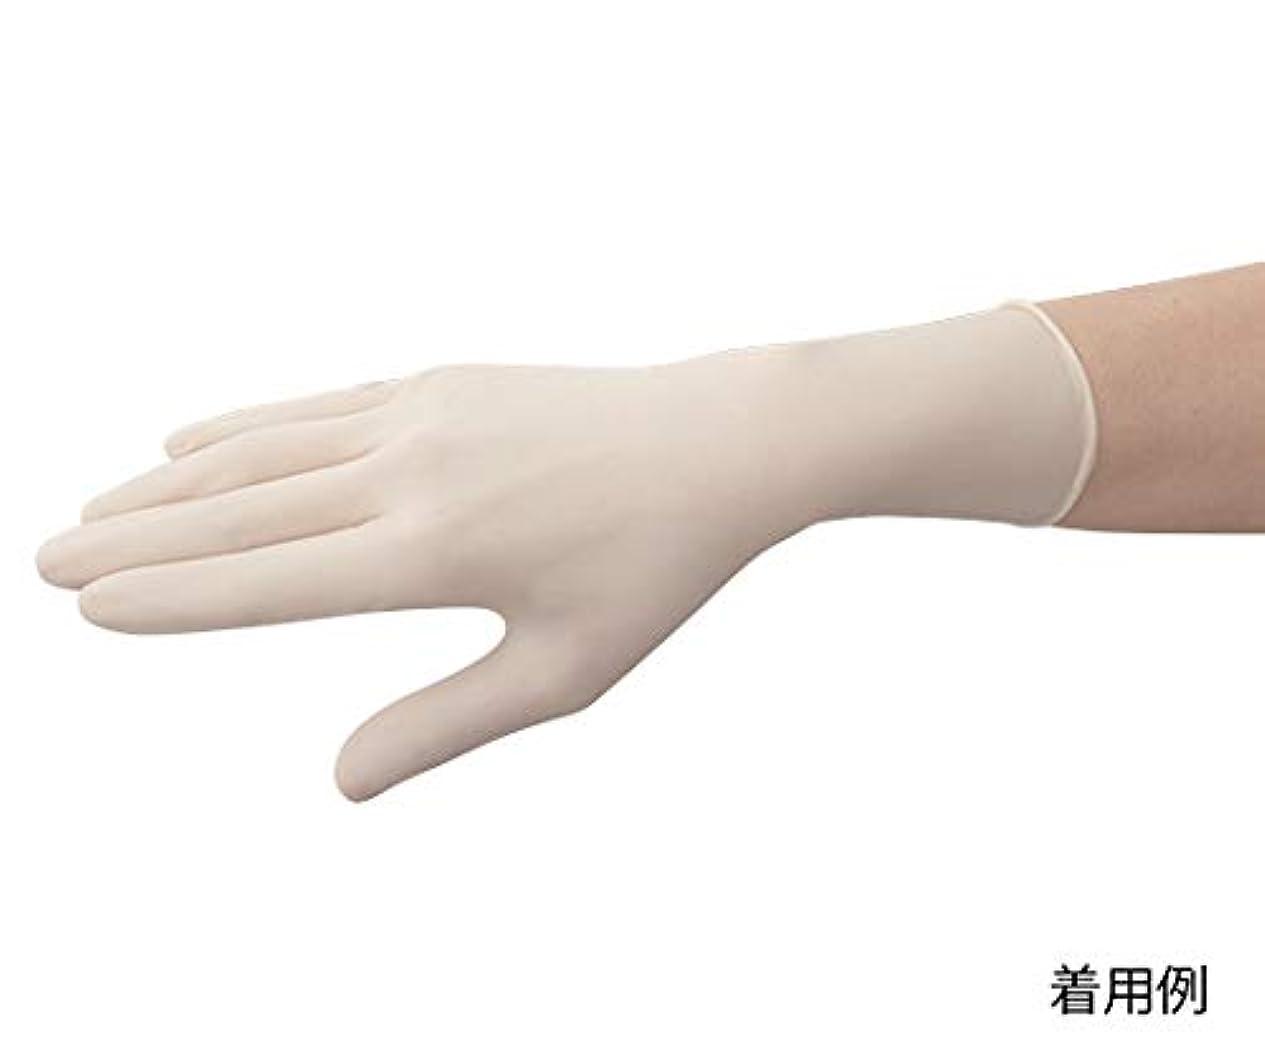 待って区別するブラシ東レ?メディカル 手術用手袋メディグリップ パウダーフリー50双 8165MG